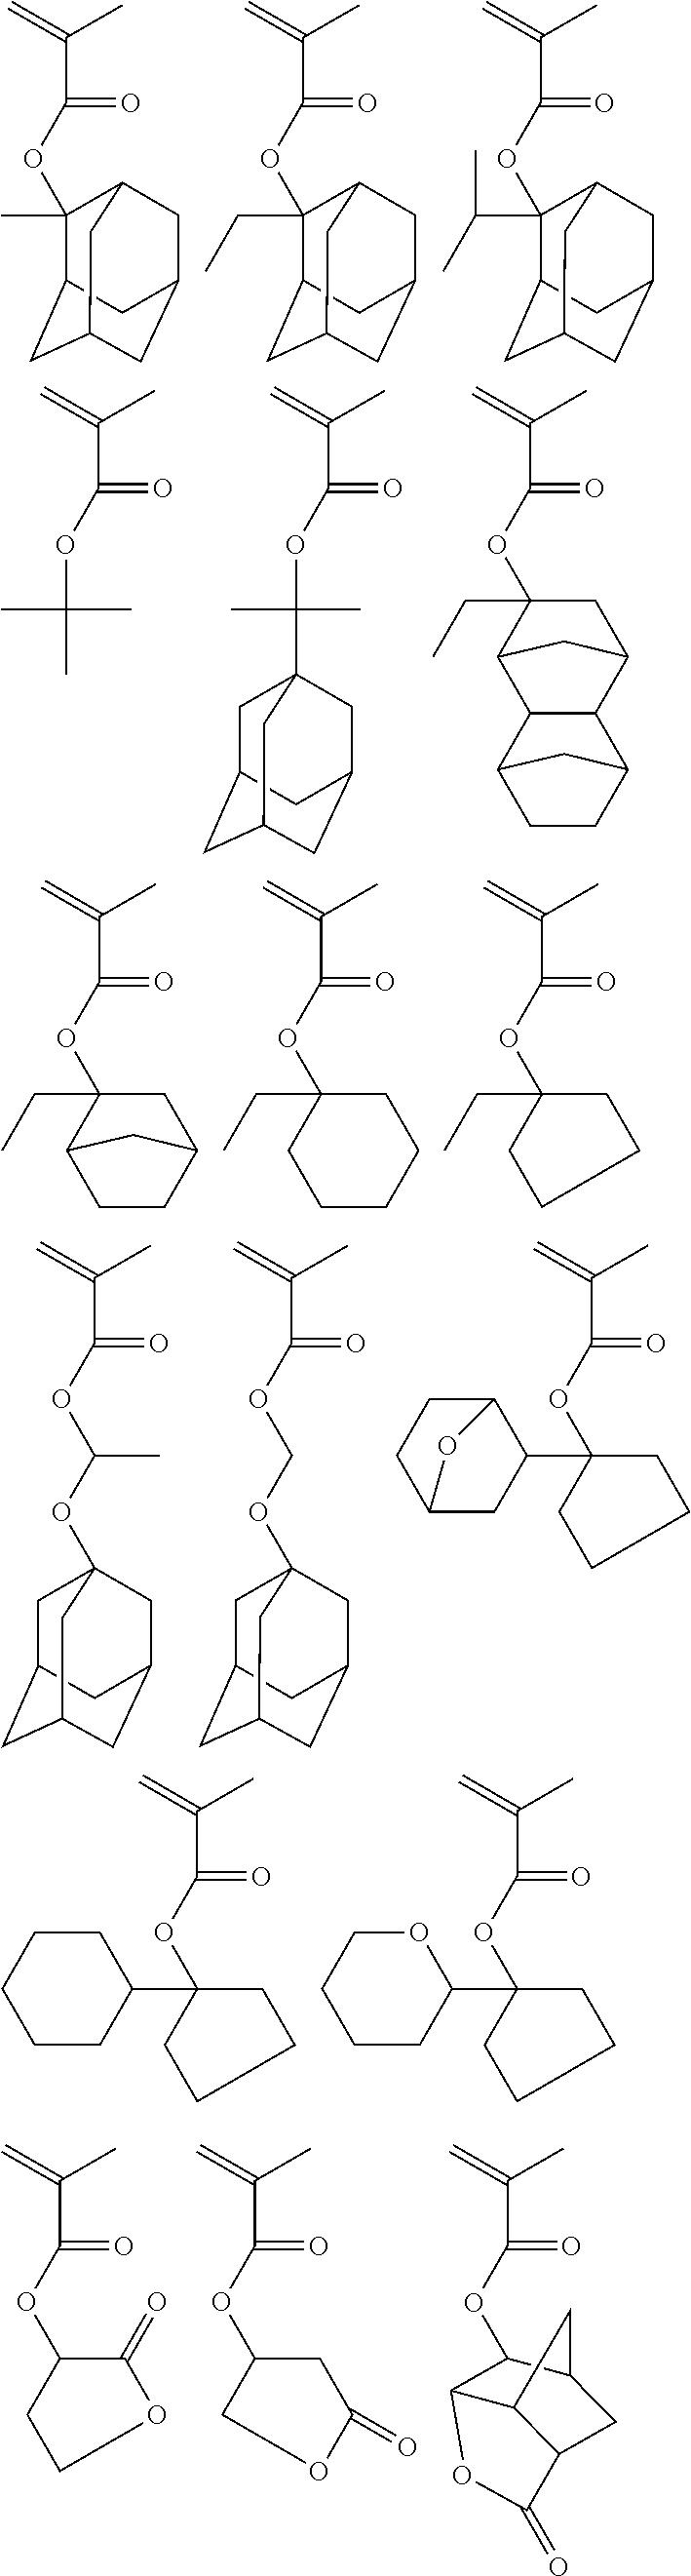 Figure US20110269074A1-20111103-C00020